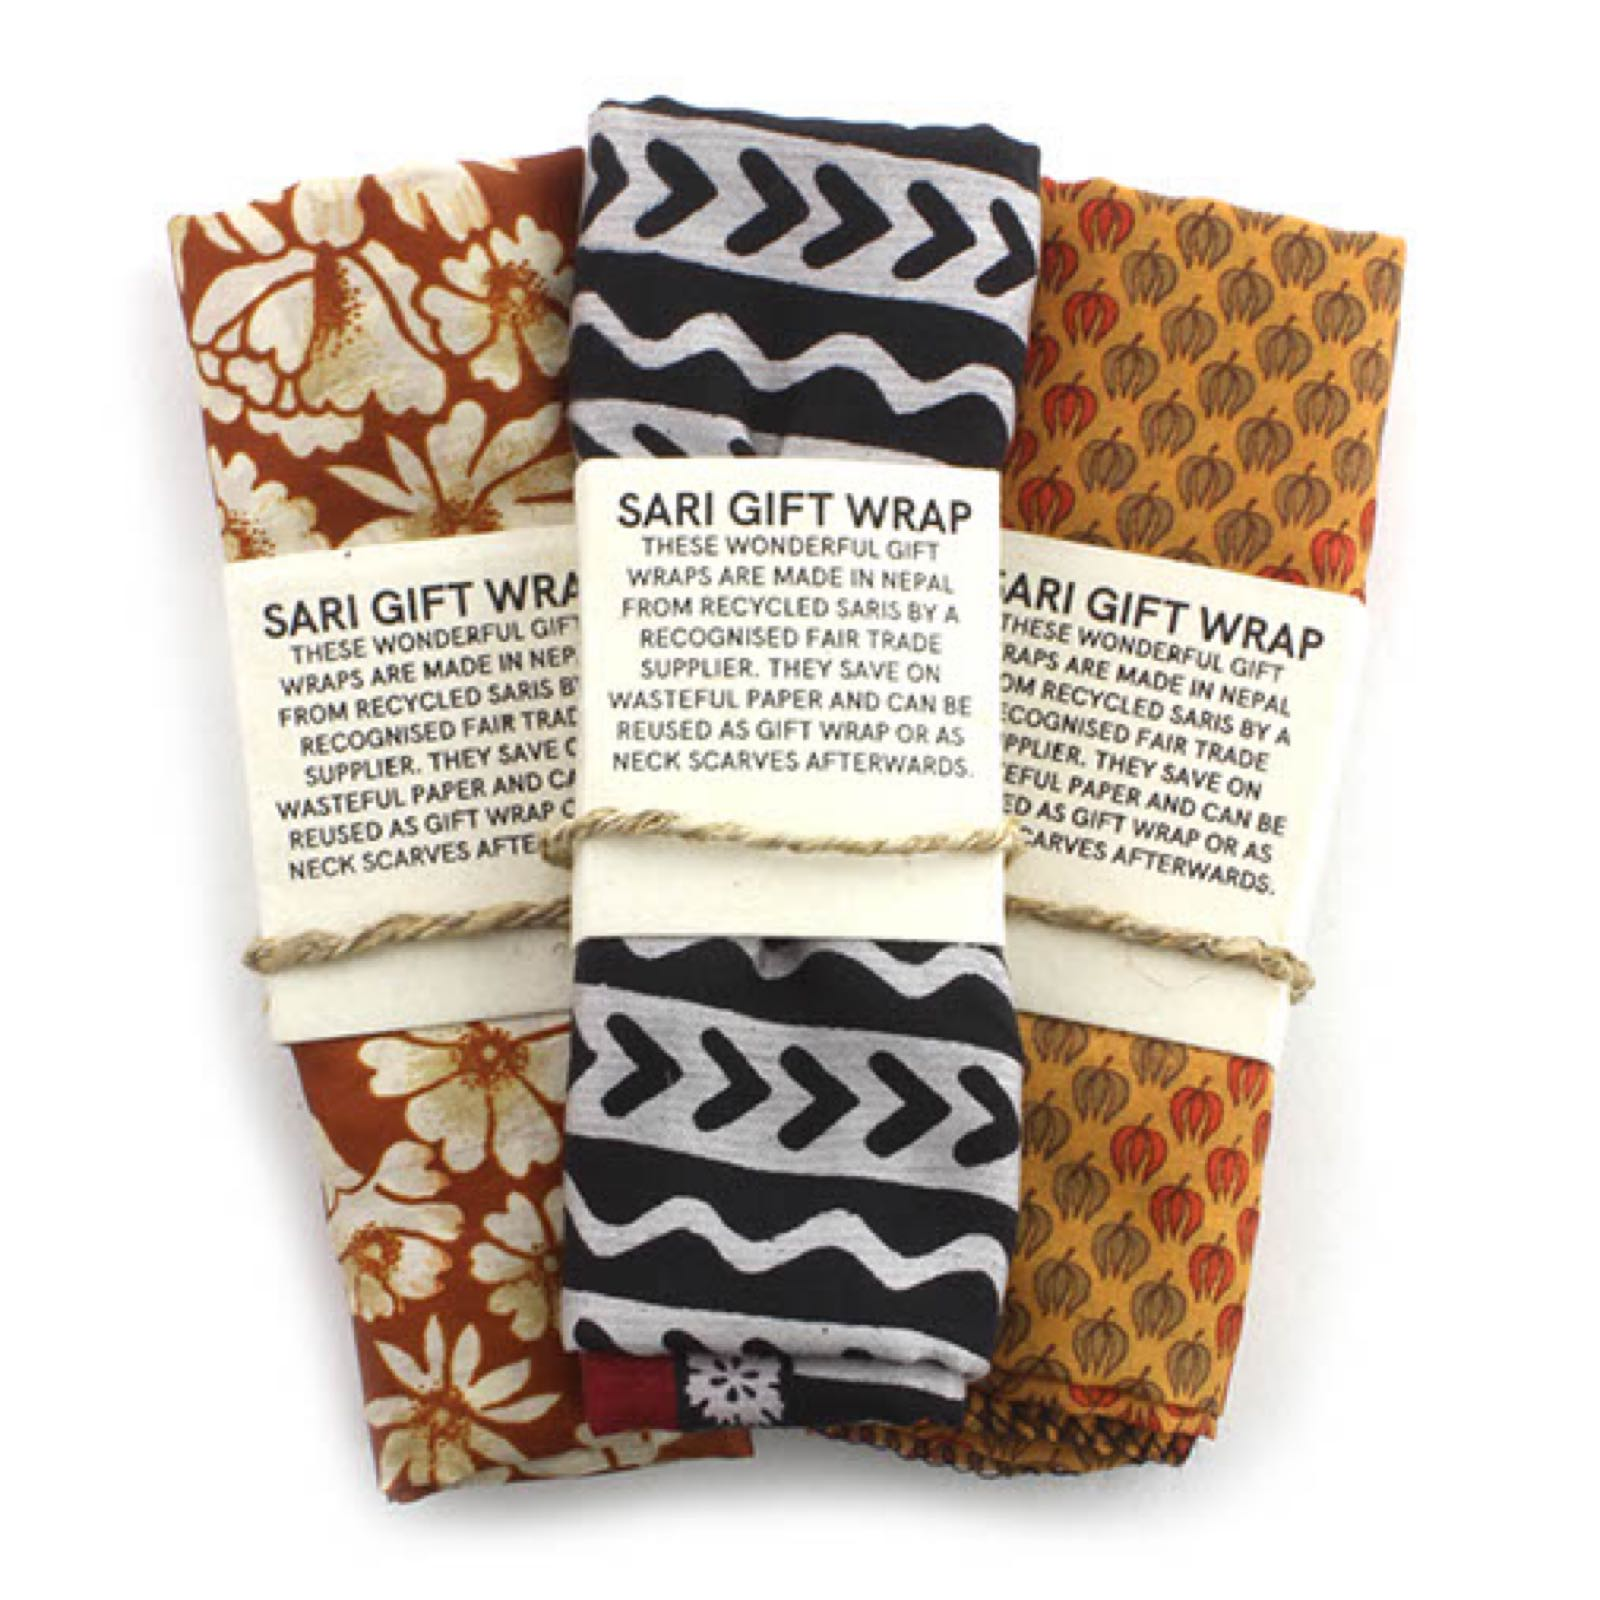 Sari Gift Wraps